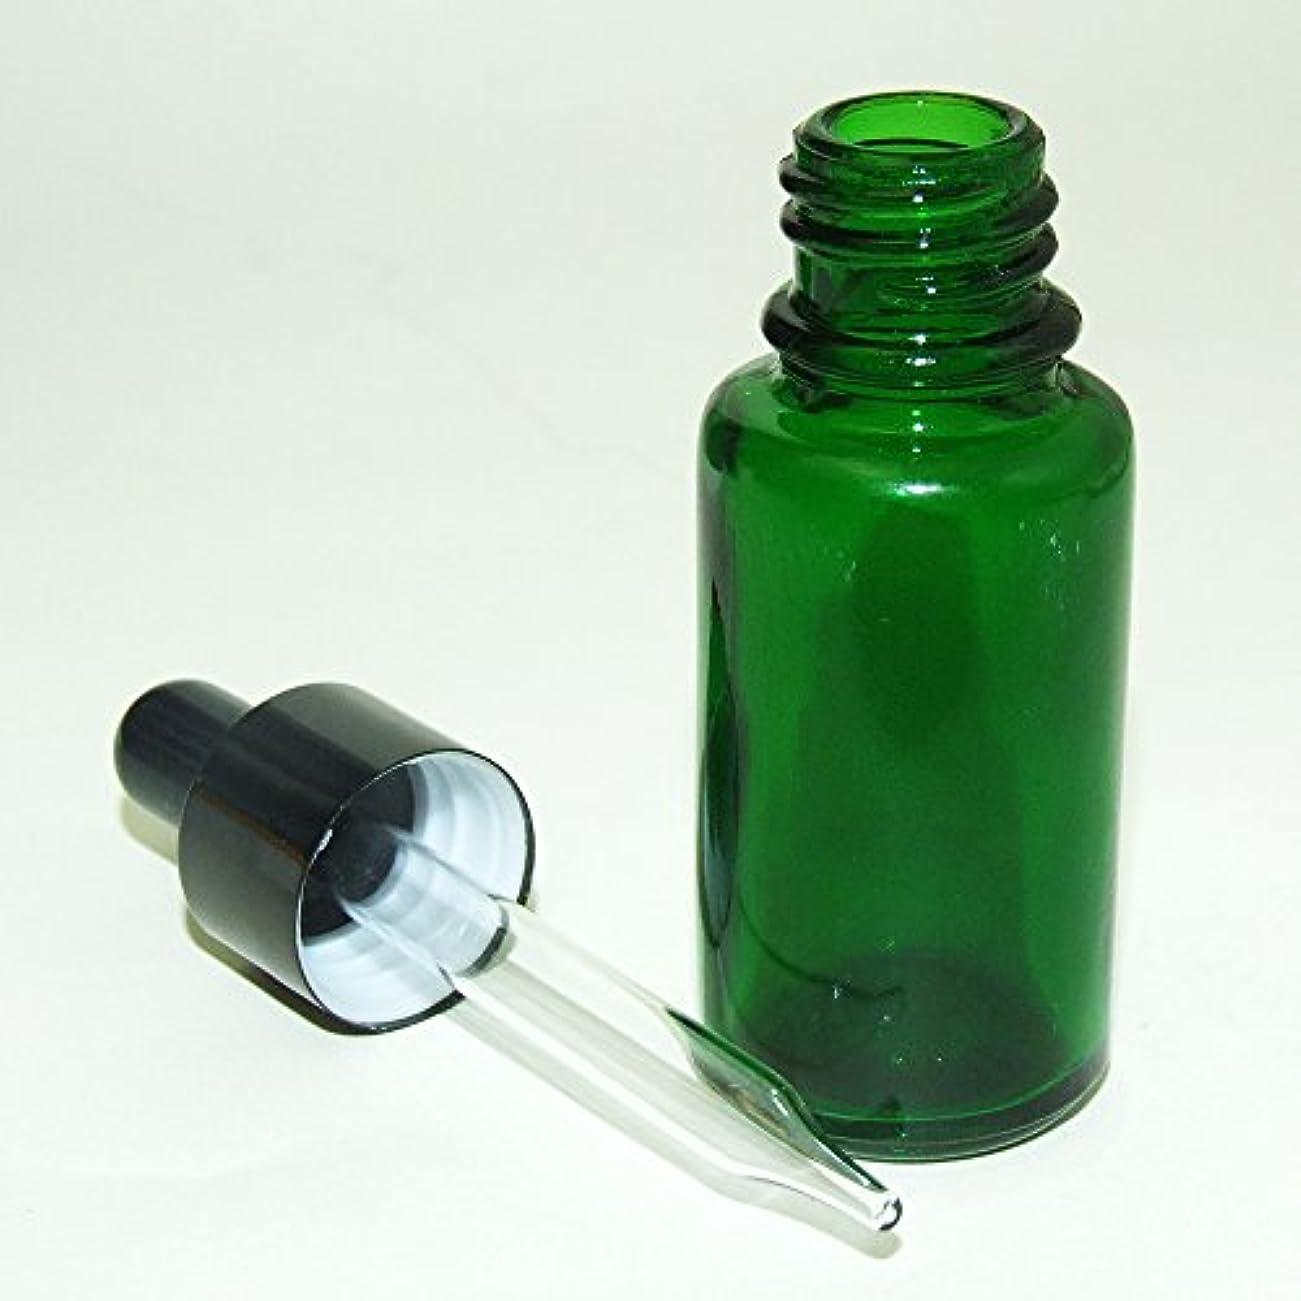 中止します若さコンテストガレージ?ゼロ 遮光ガラス スポイド瓶 先細タイプ 緑 15ml(GZKP32)×10個 アロマ保存 GSE678